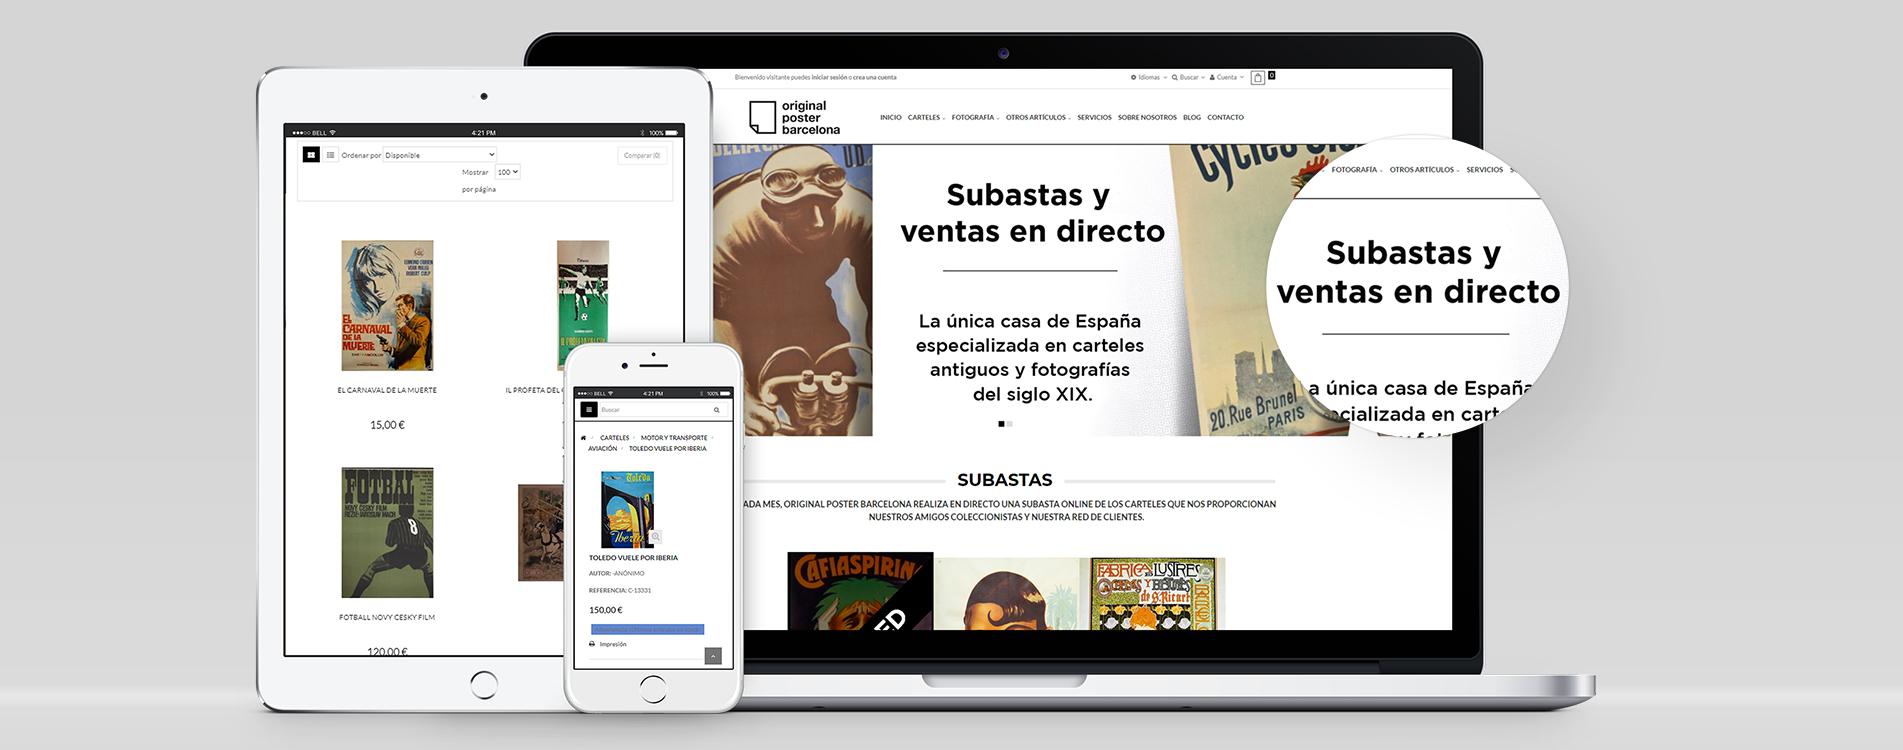 cabecera_original_poster